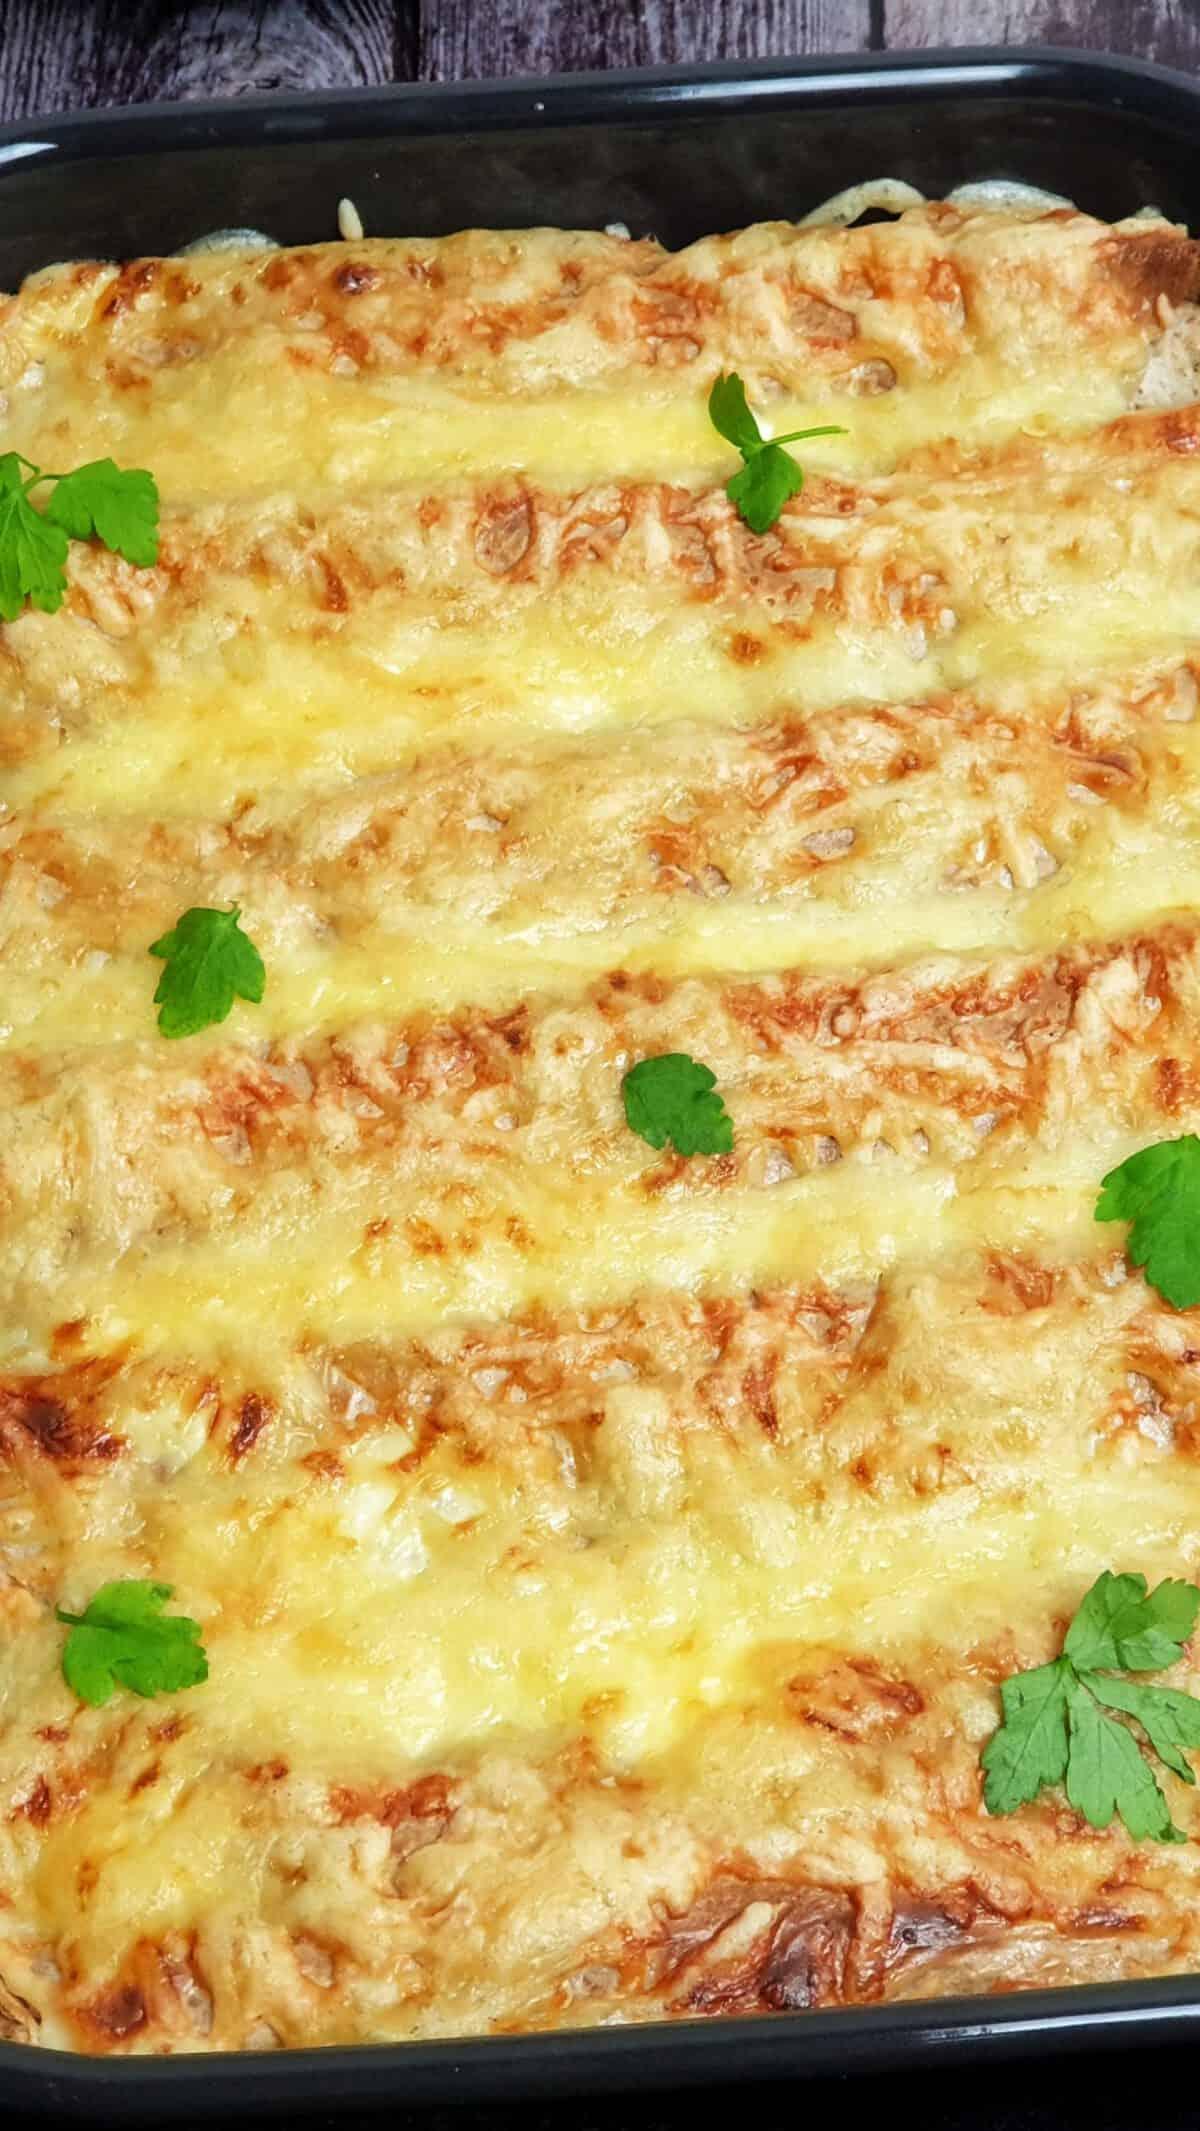 In einer Auflaufform gefüllte und überbackene Tortillas.